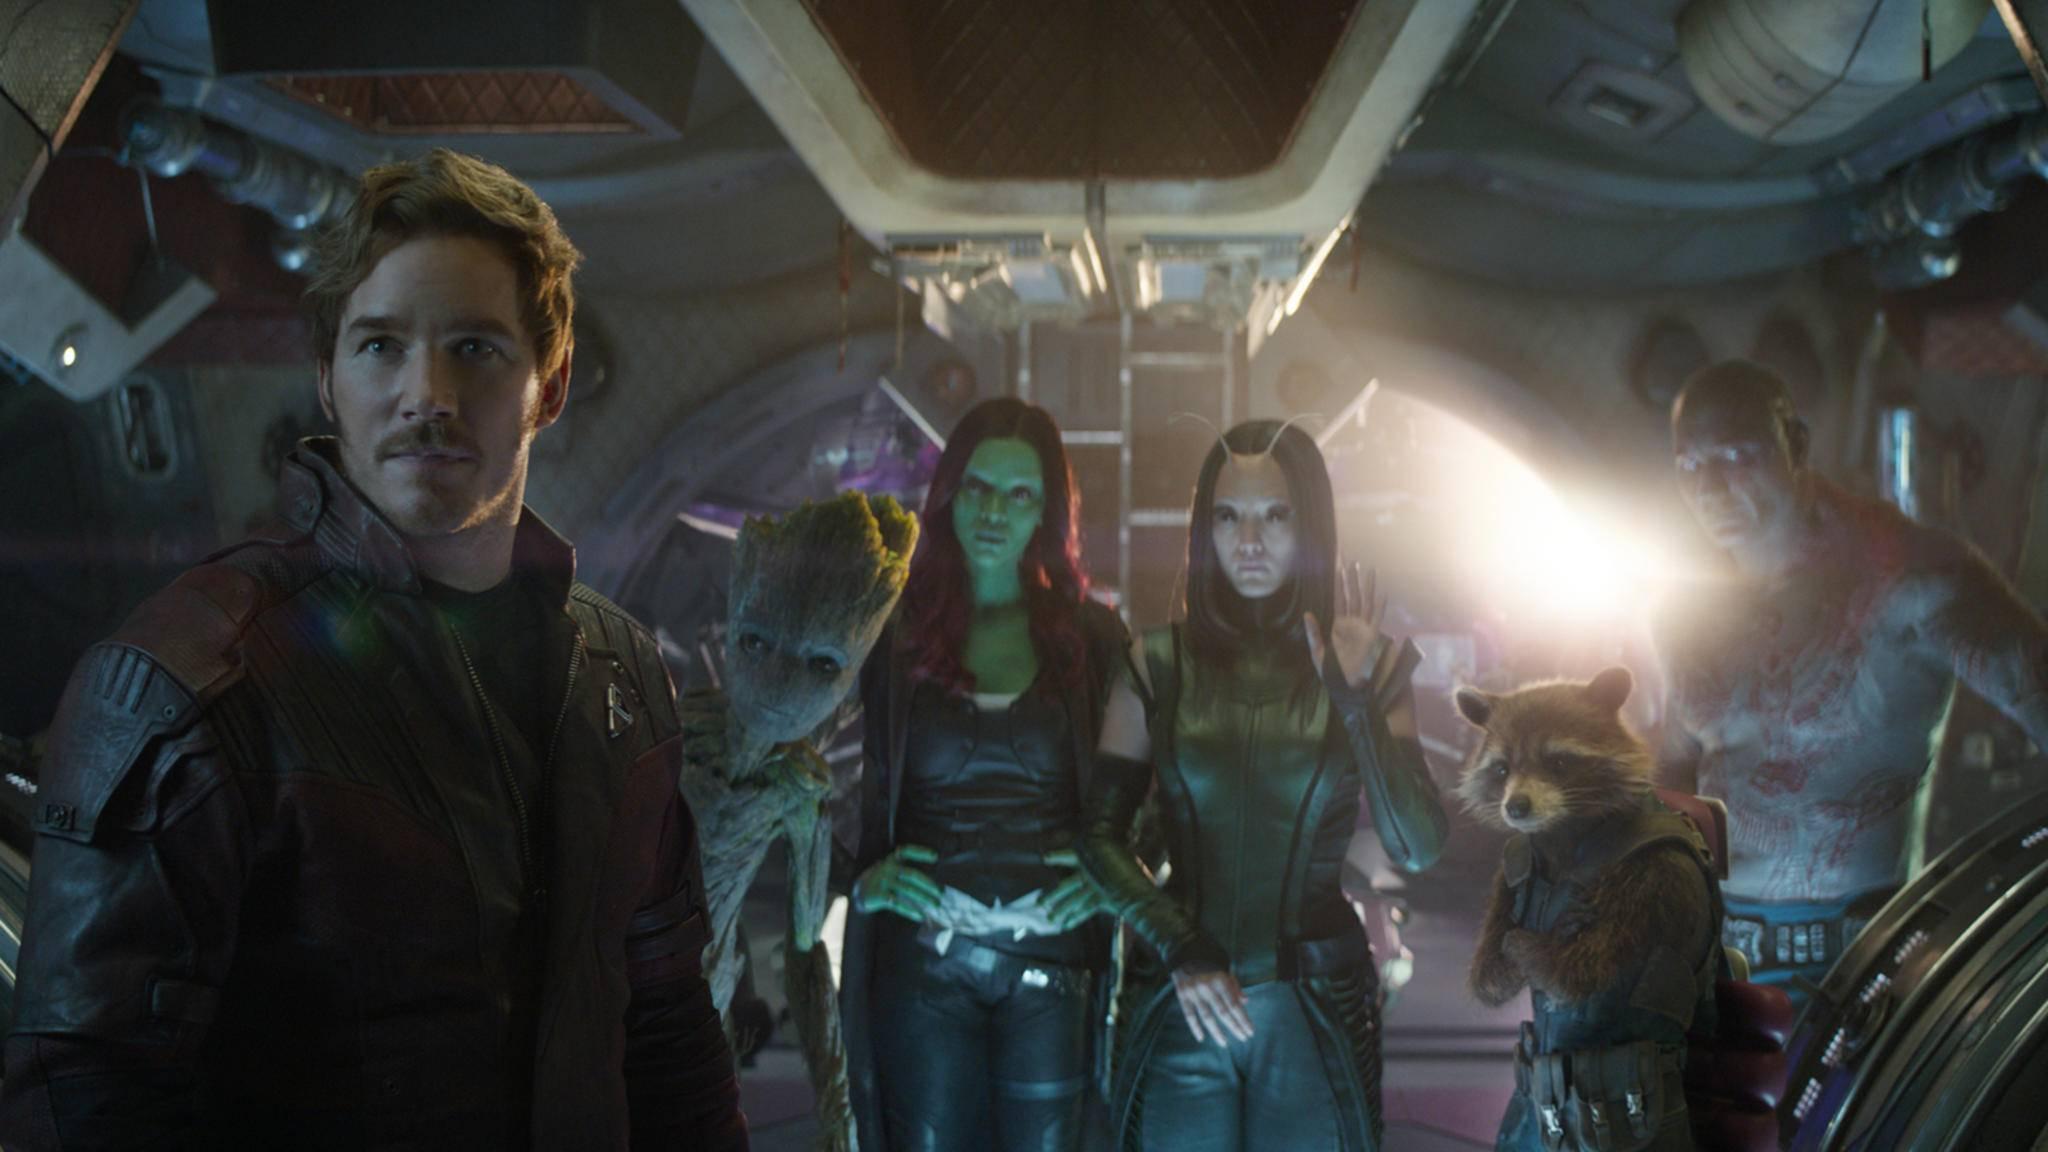 Die Guardians of the Galaxy beschützen ihre Teamkameraden offenbar auch im echten Leben.